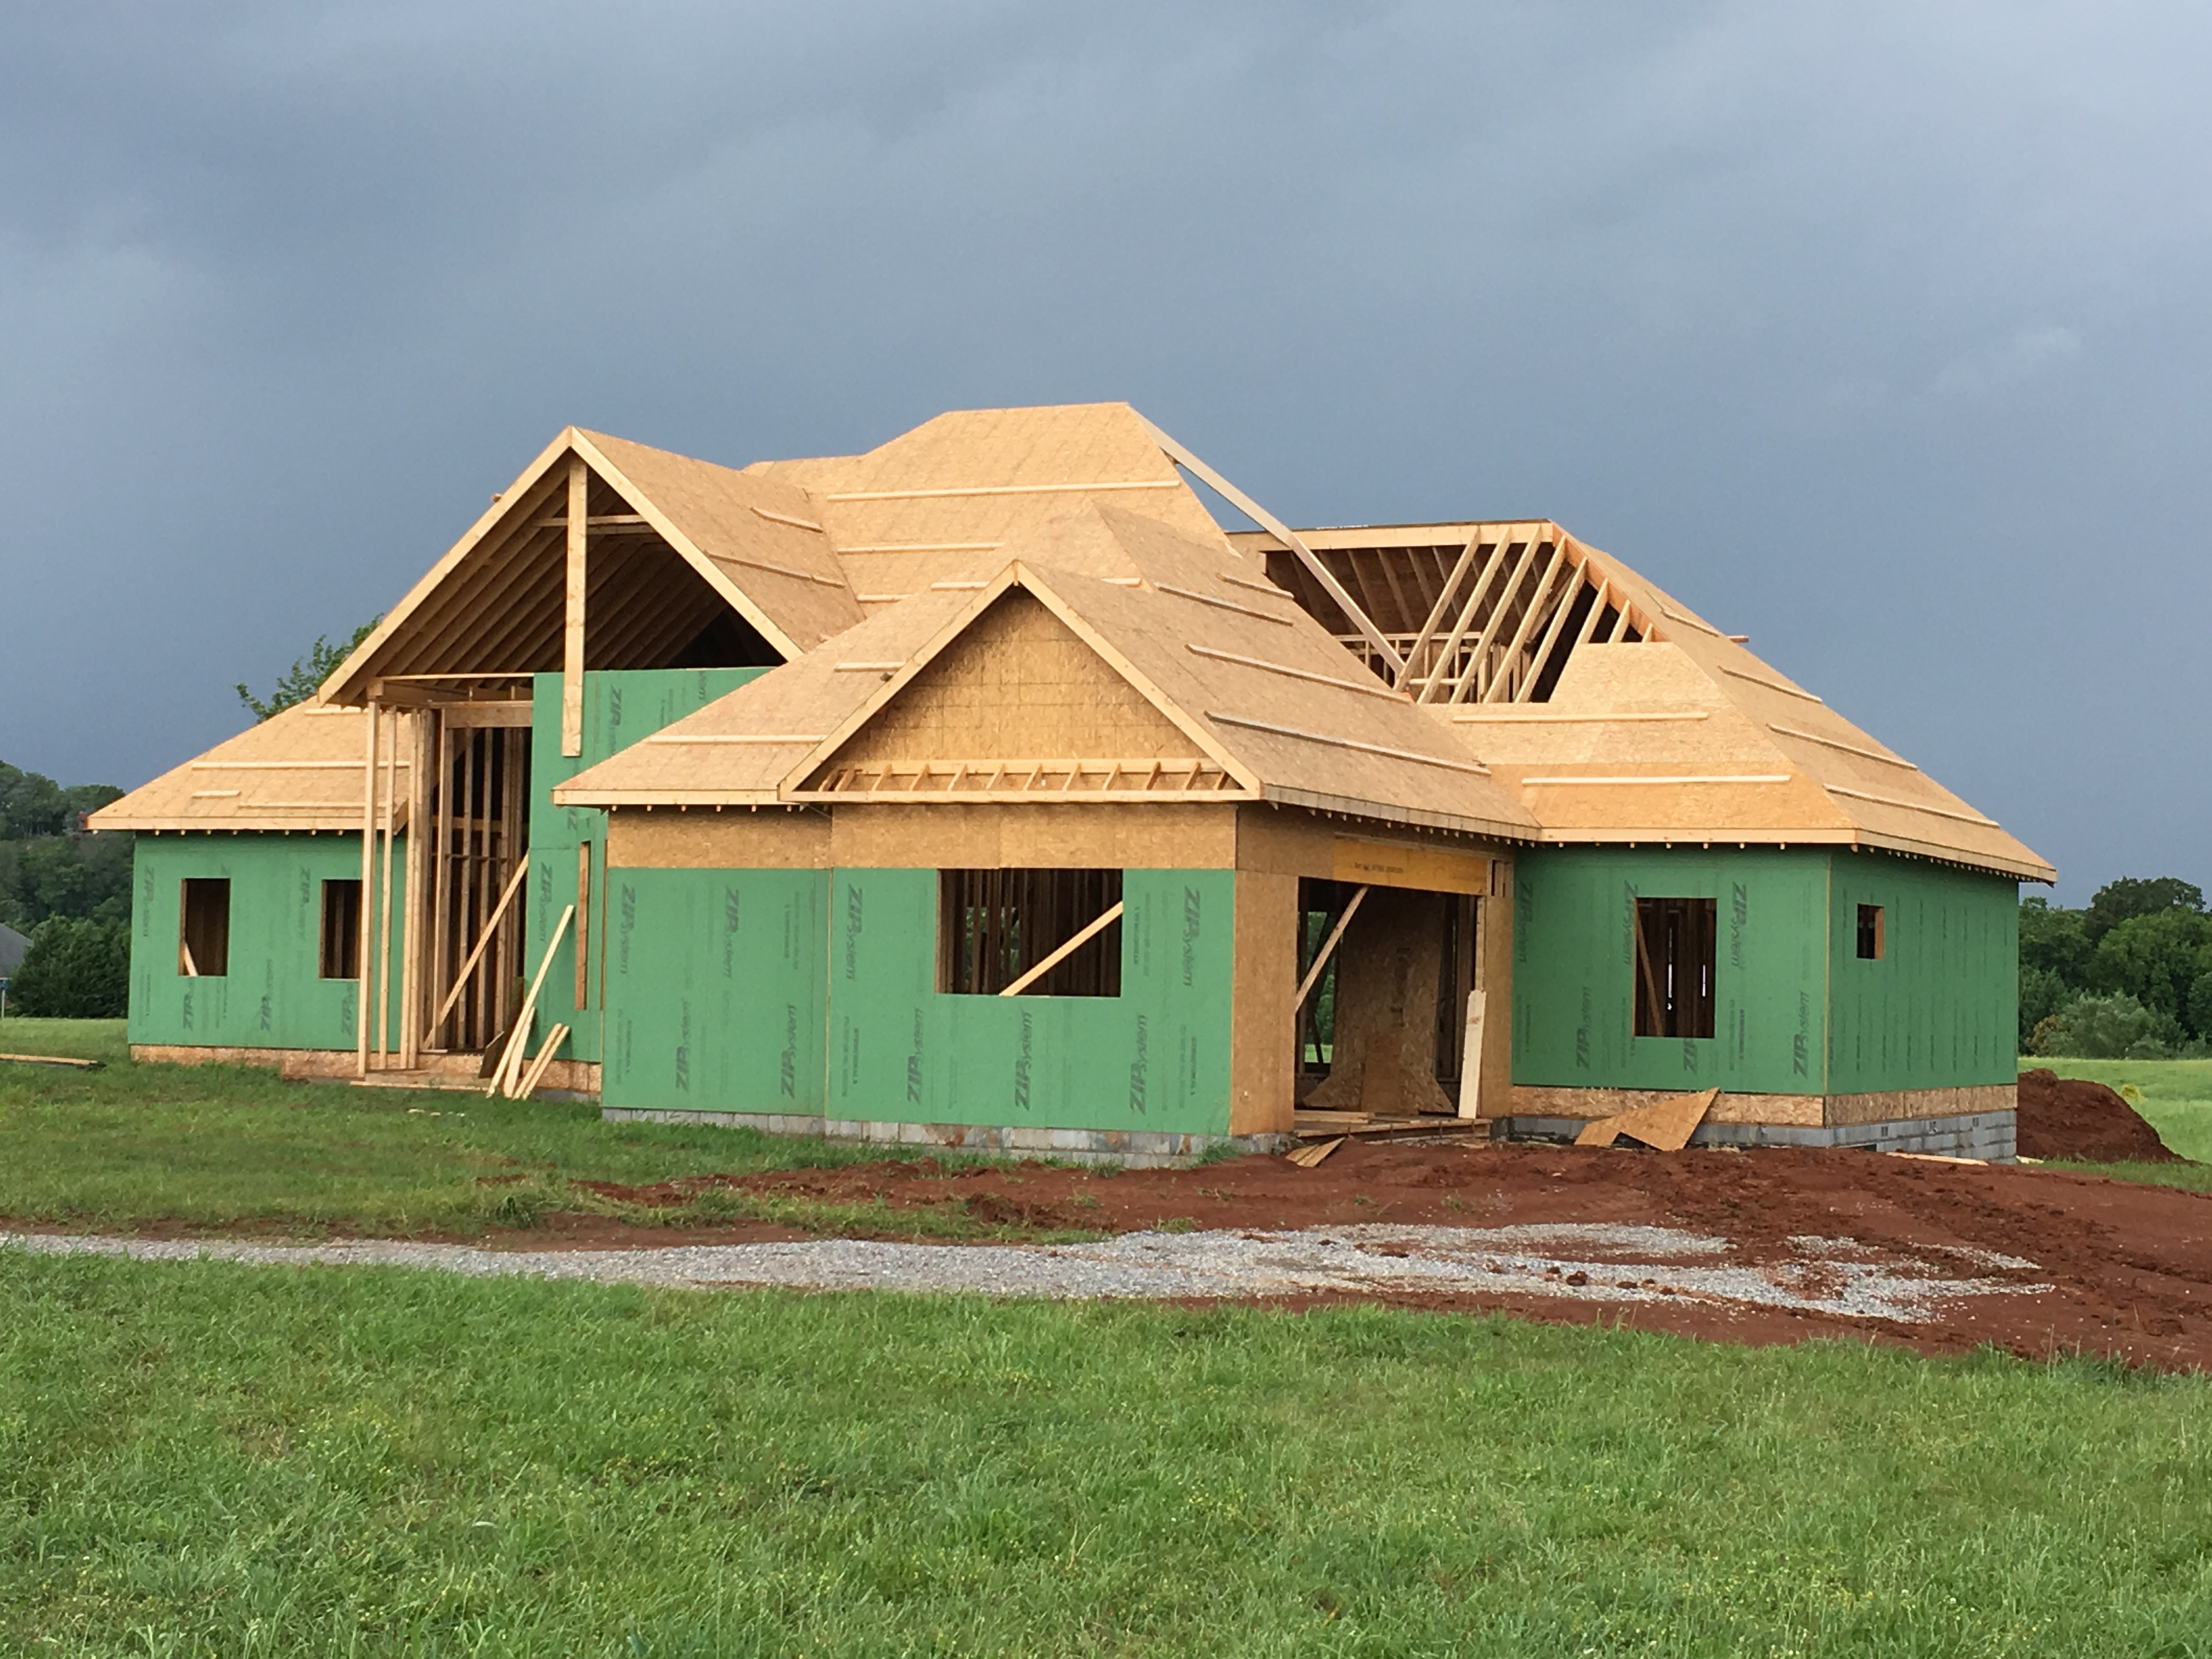 Finished a nice house!-img_5019.jpg